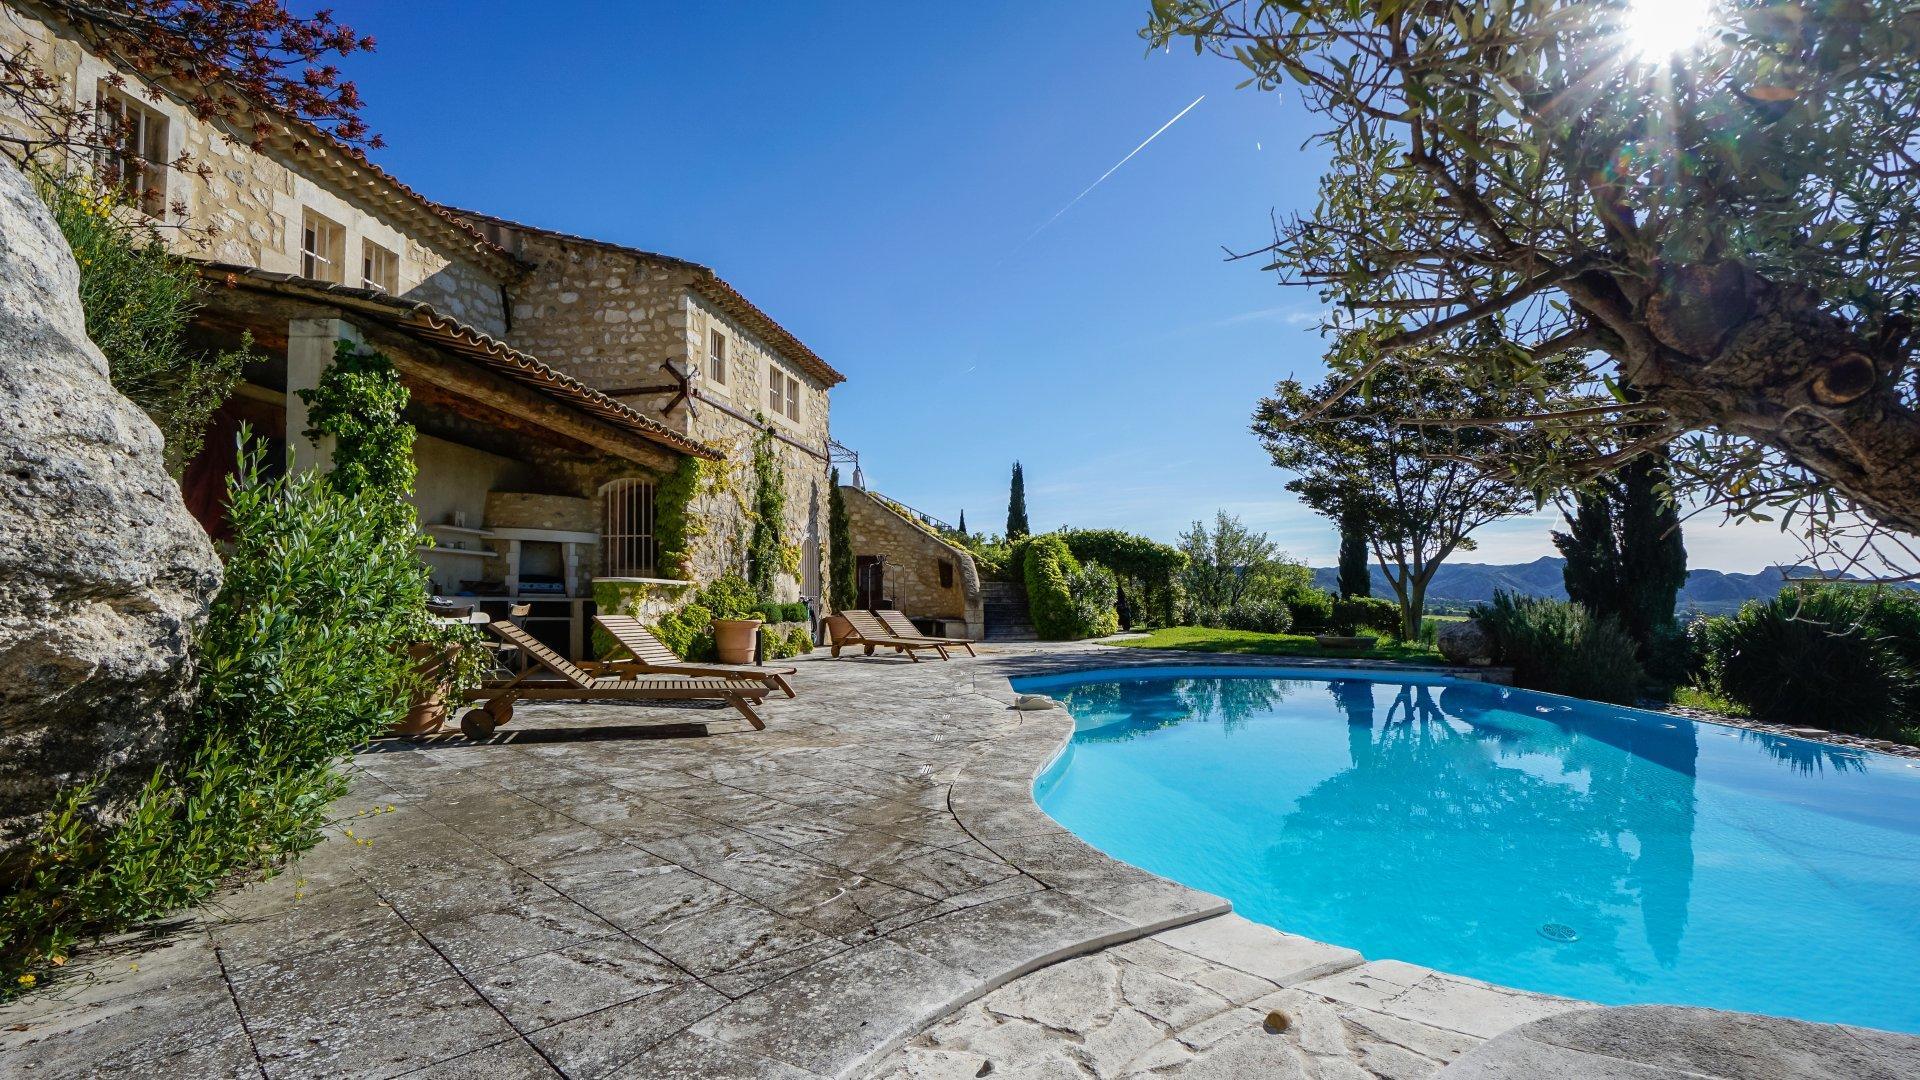 Villa Exterior and Pool, La Roche des Alpilles, Les Baux de Provence, Provence.